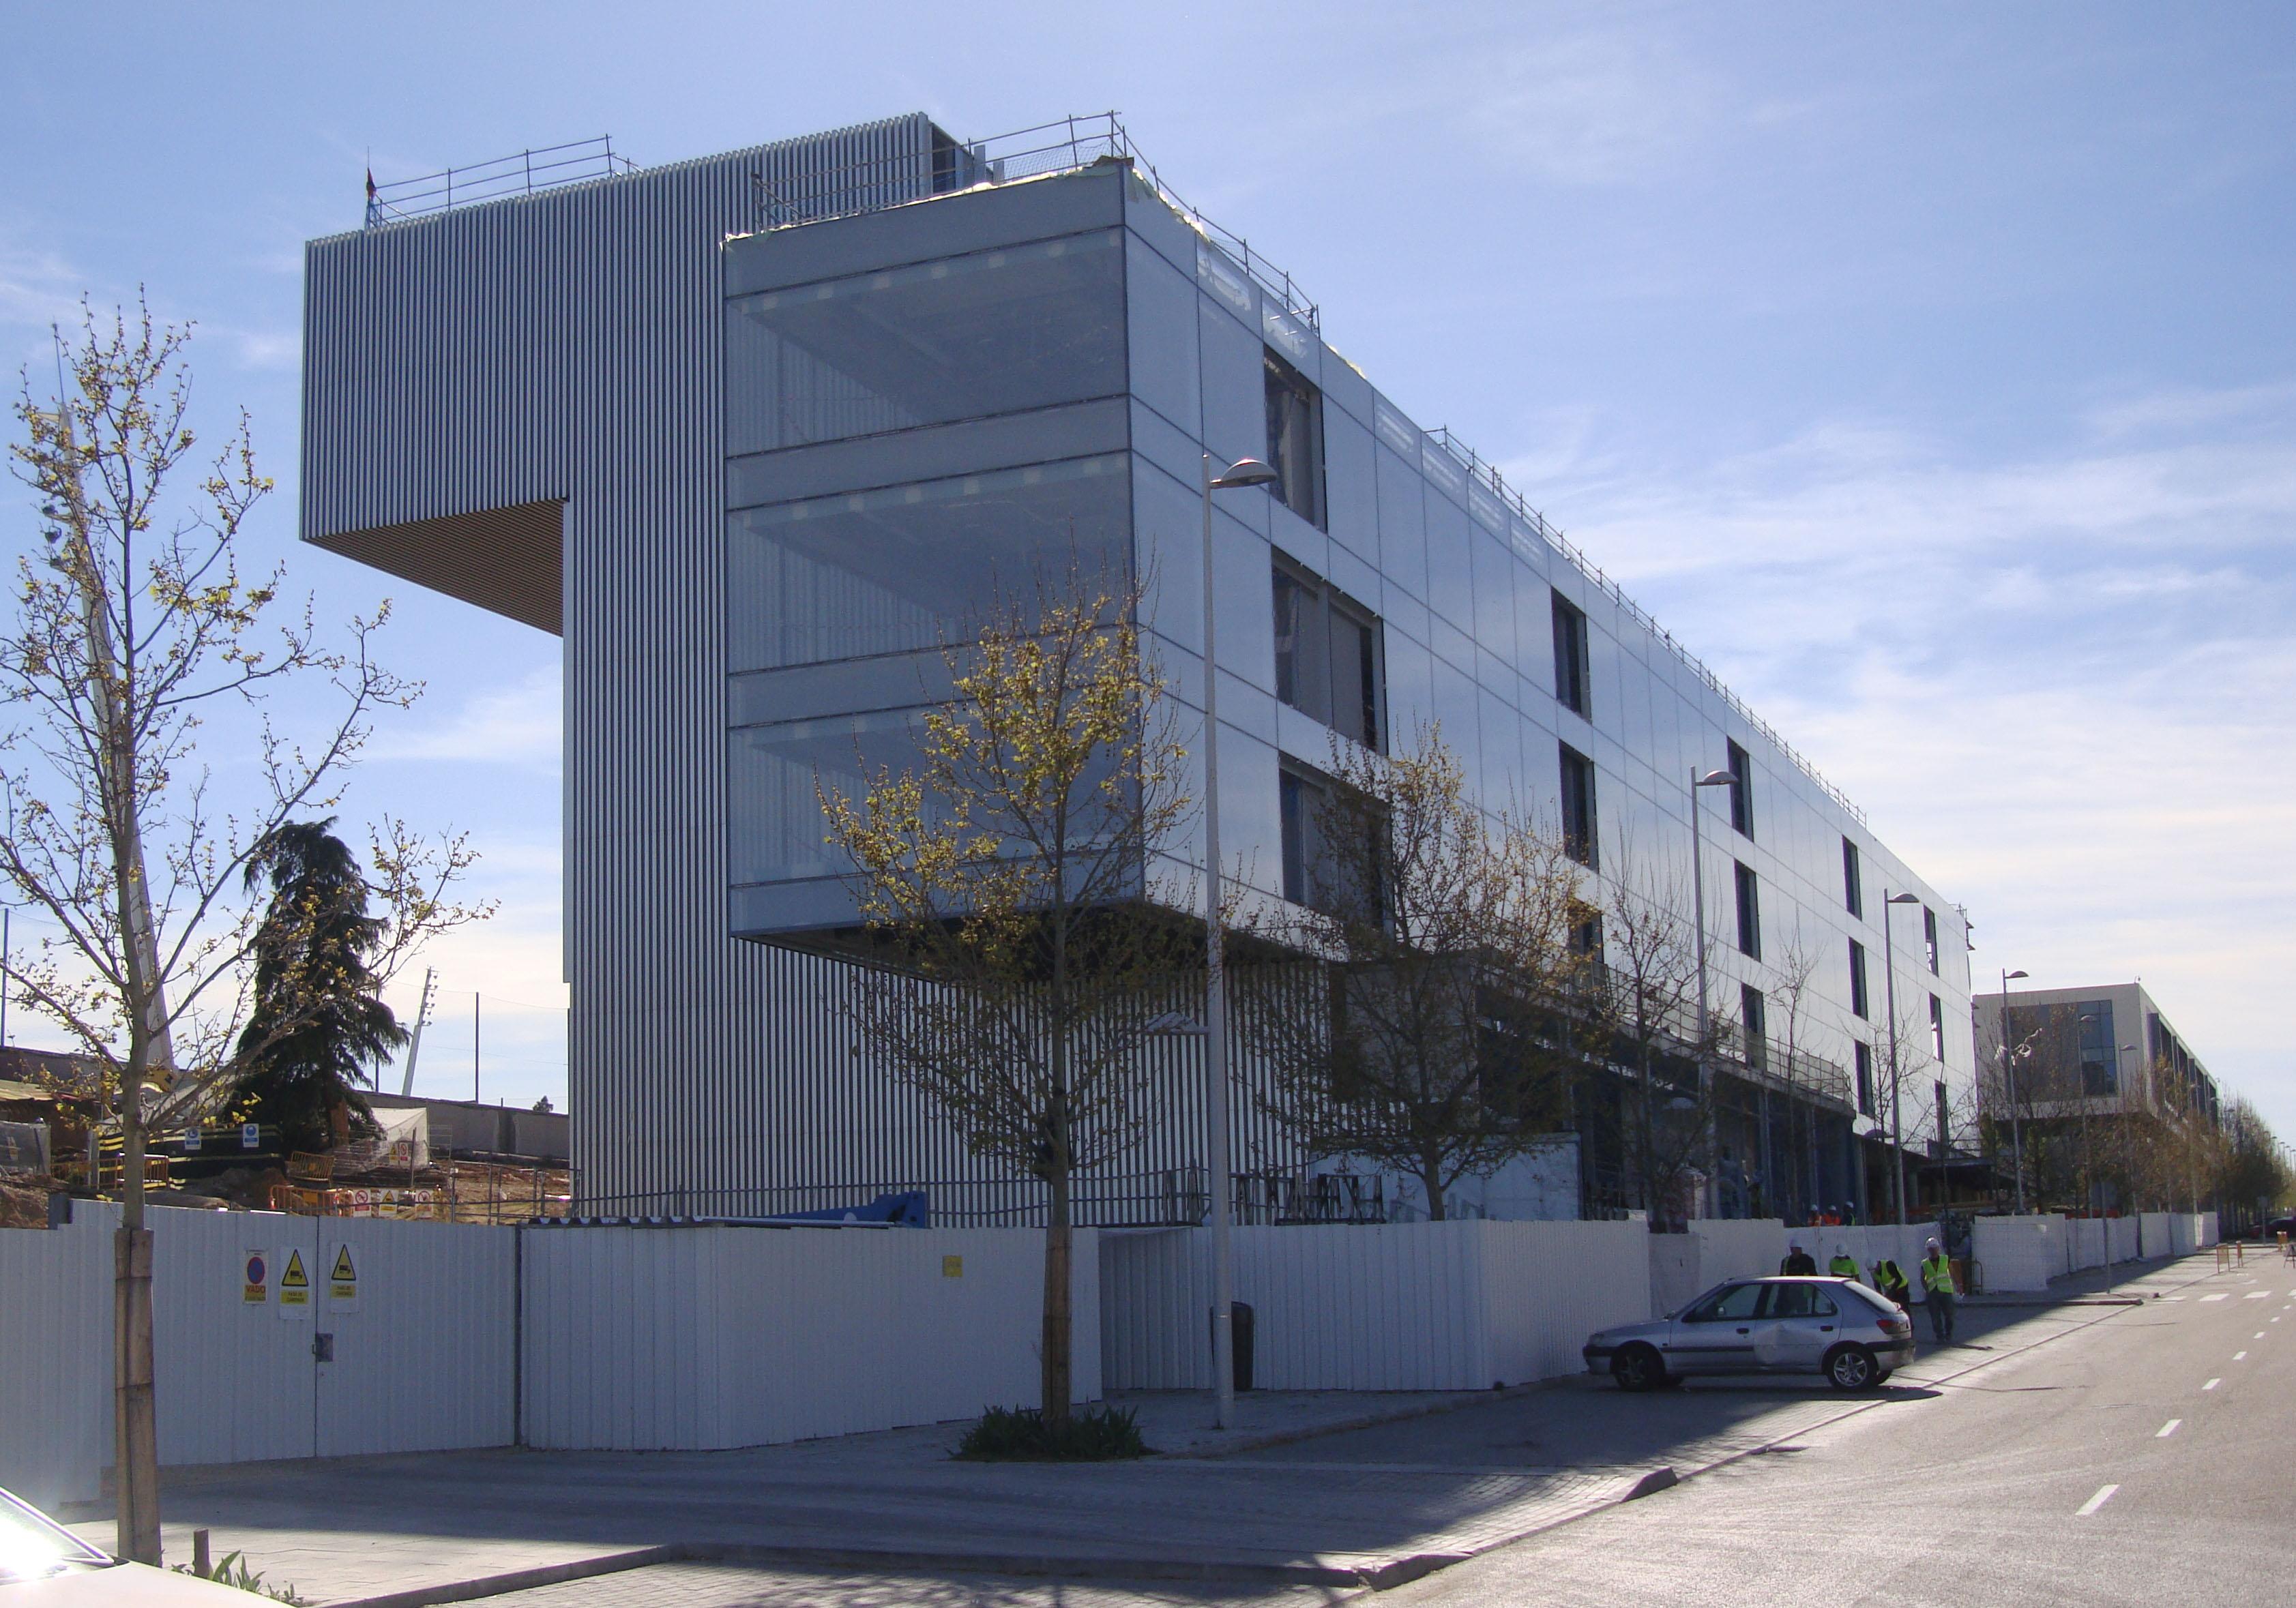 Mucta departamento de construcci n y tecnolog a for Real madrid oficinas telefono